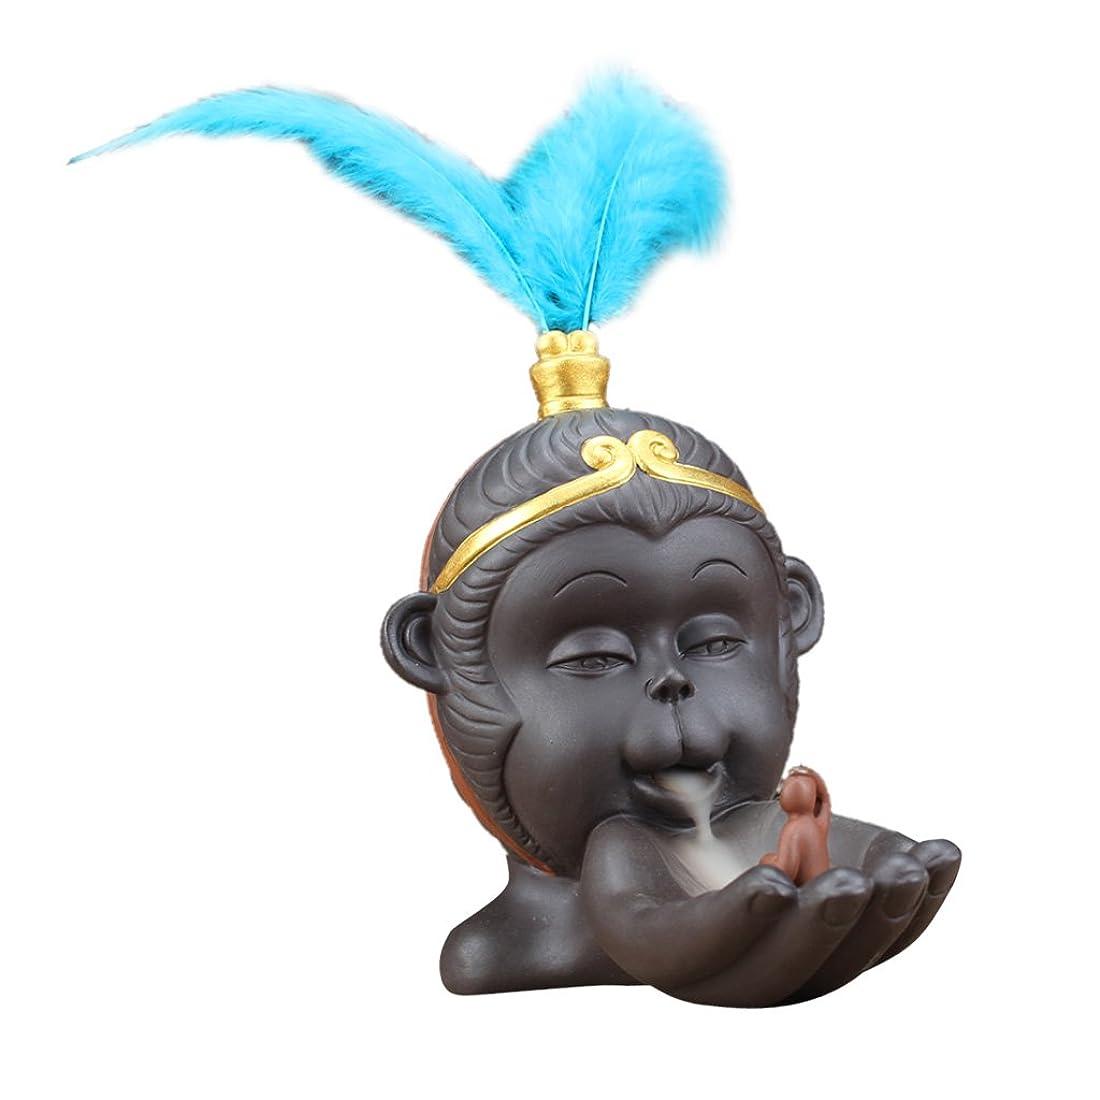 殺します迫害するおとうさんHomyl ヴィンテージ 仏教 香炉 バーナーホルダー 逆流コーン 香バーナー 全2色 - 青